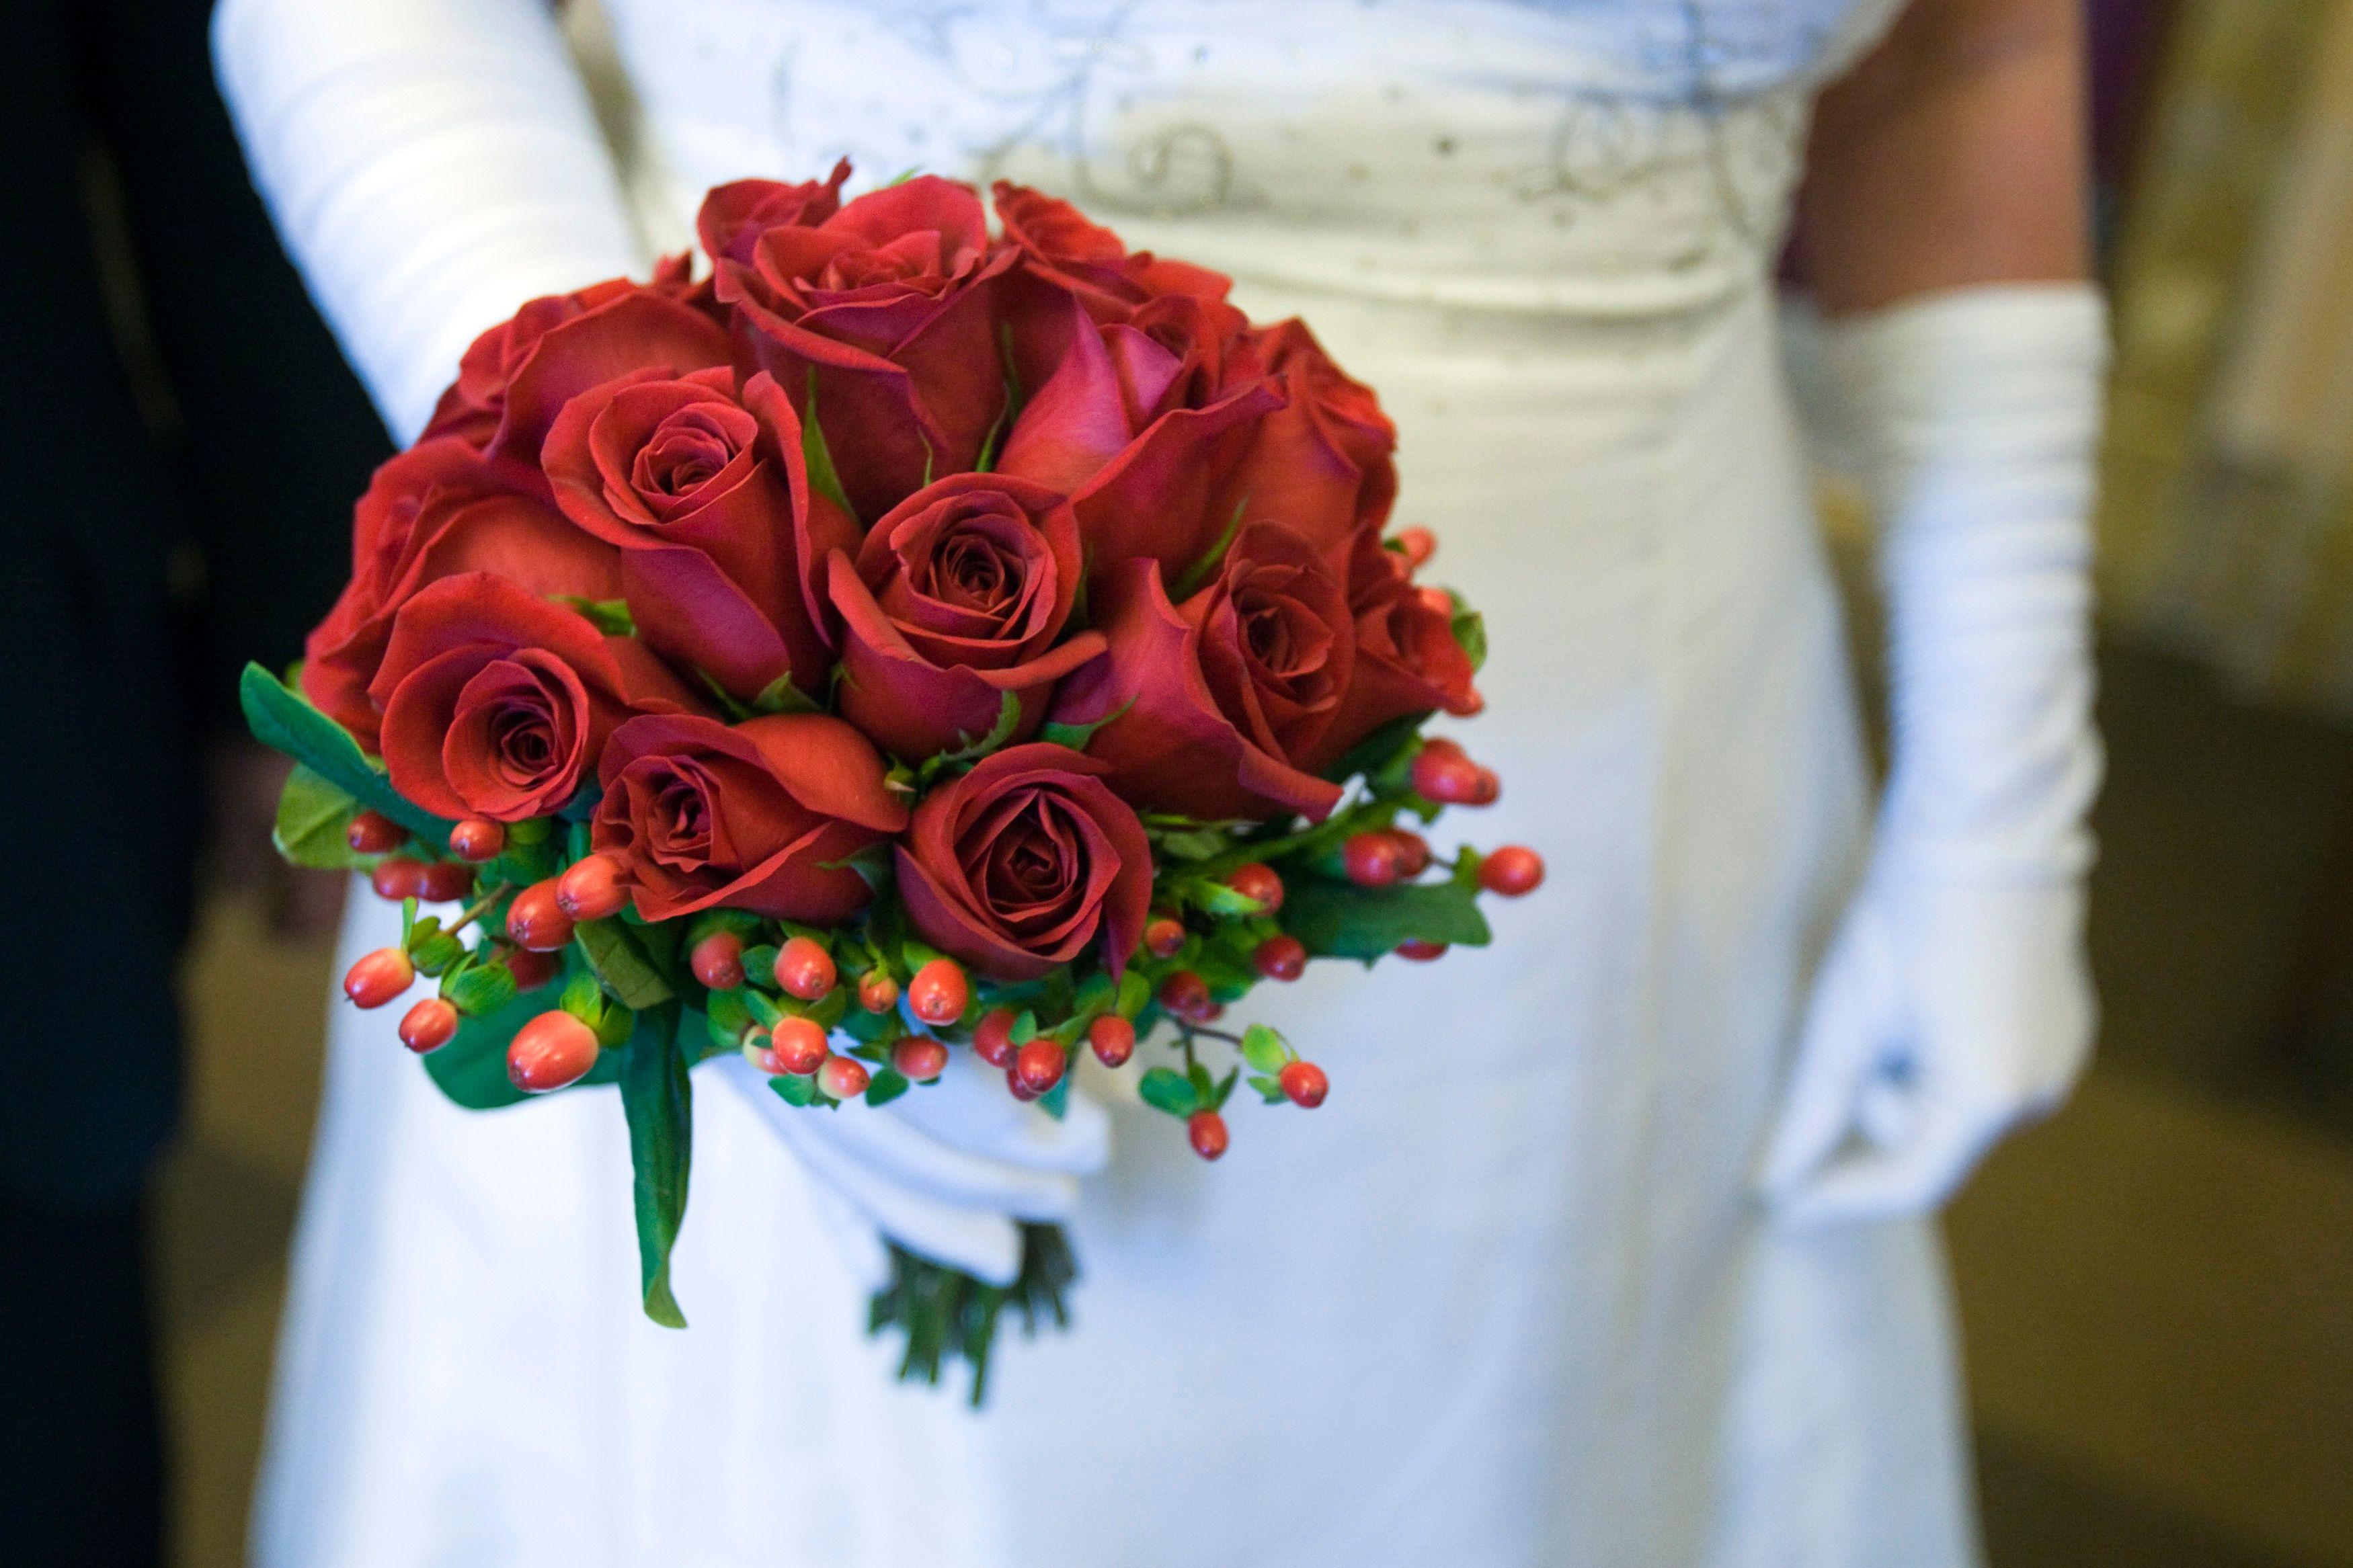 Le mariage a longtemps été un moyen de s'assurer de la fidélité des époux.